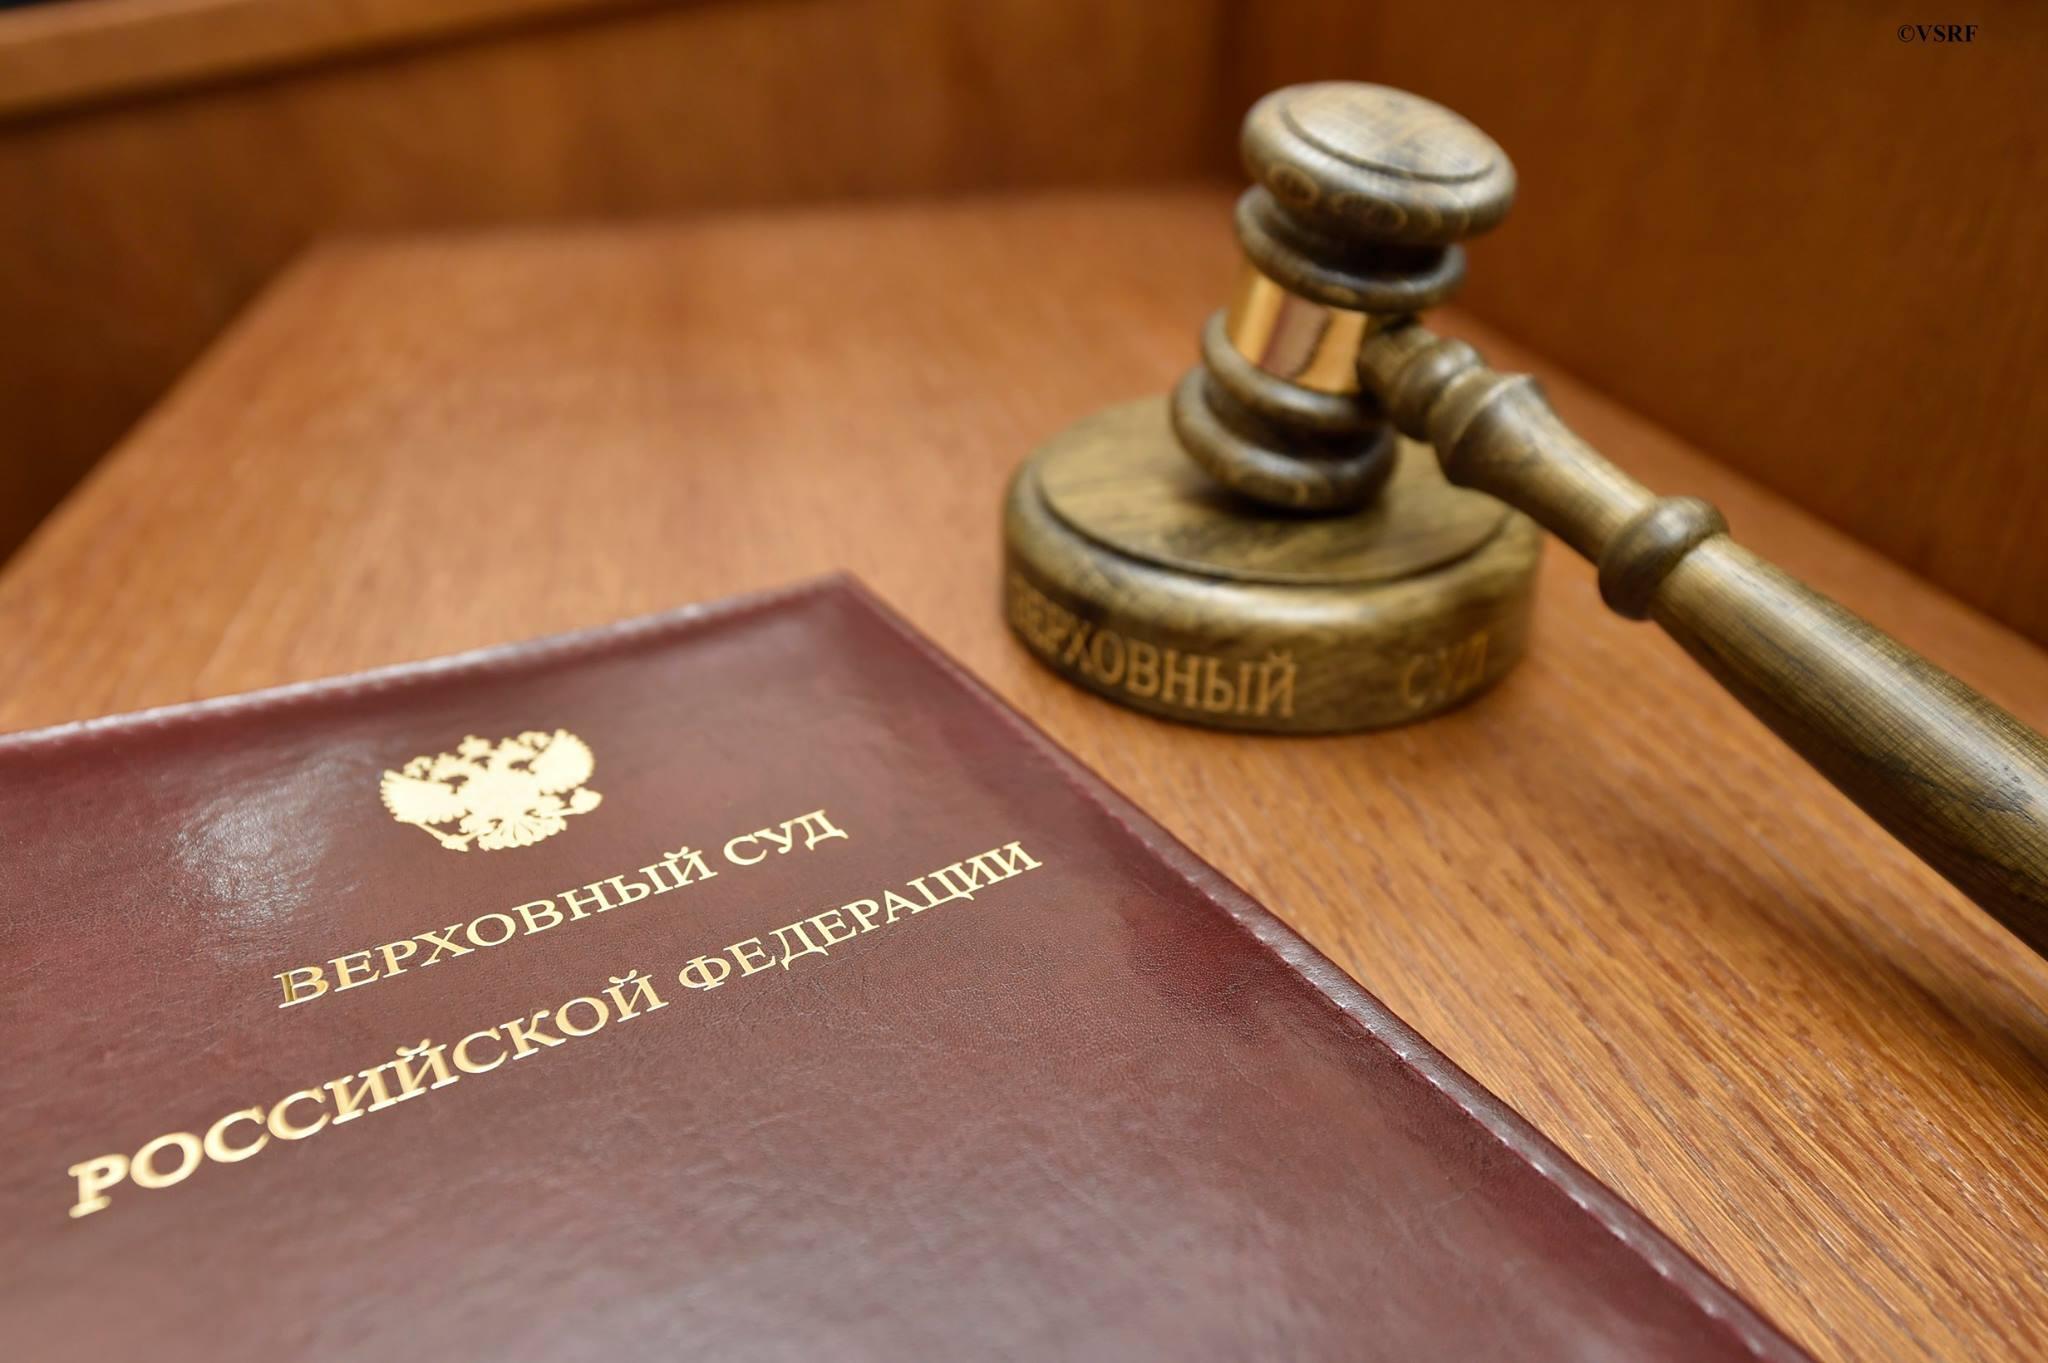 Второй обзор ВС РФ. О чем рассказали судьи?